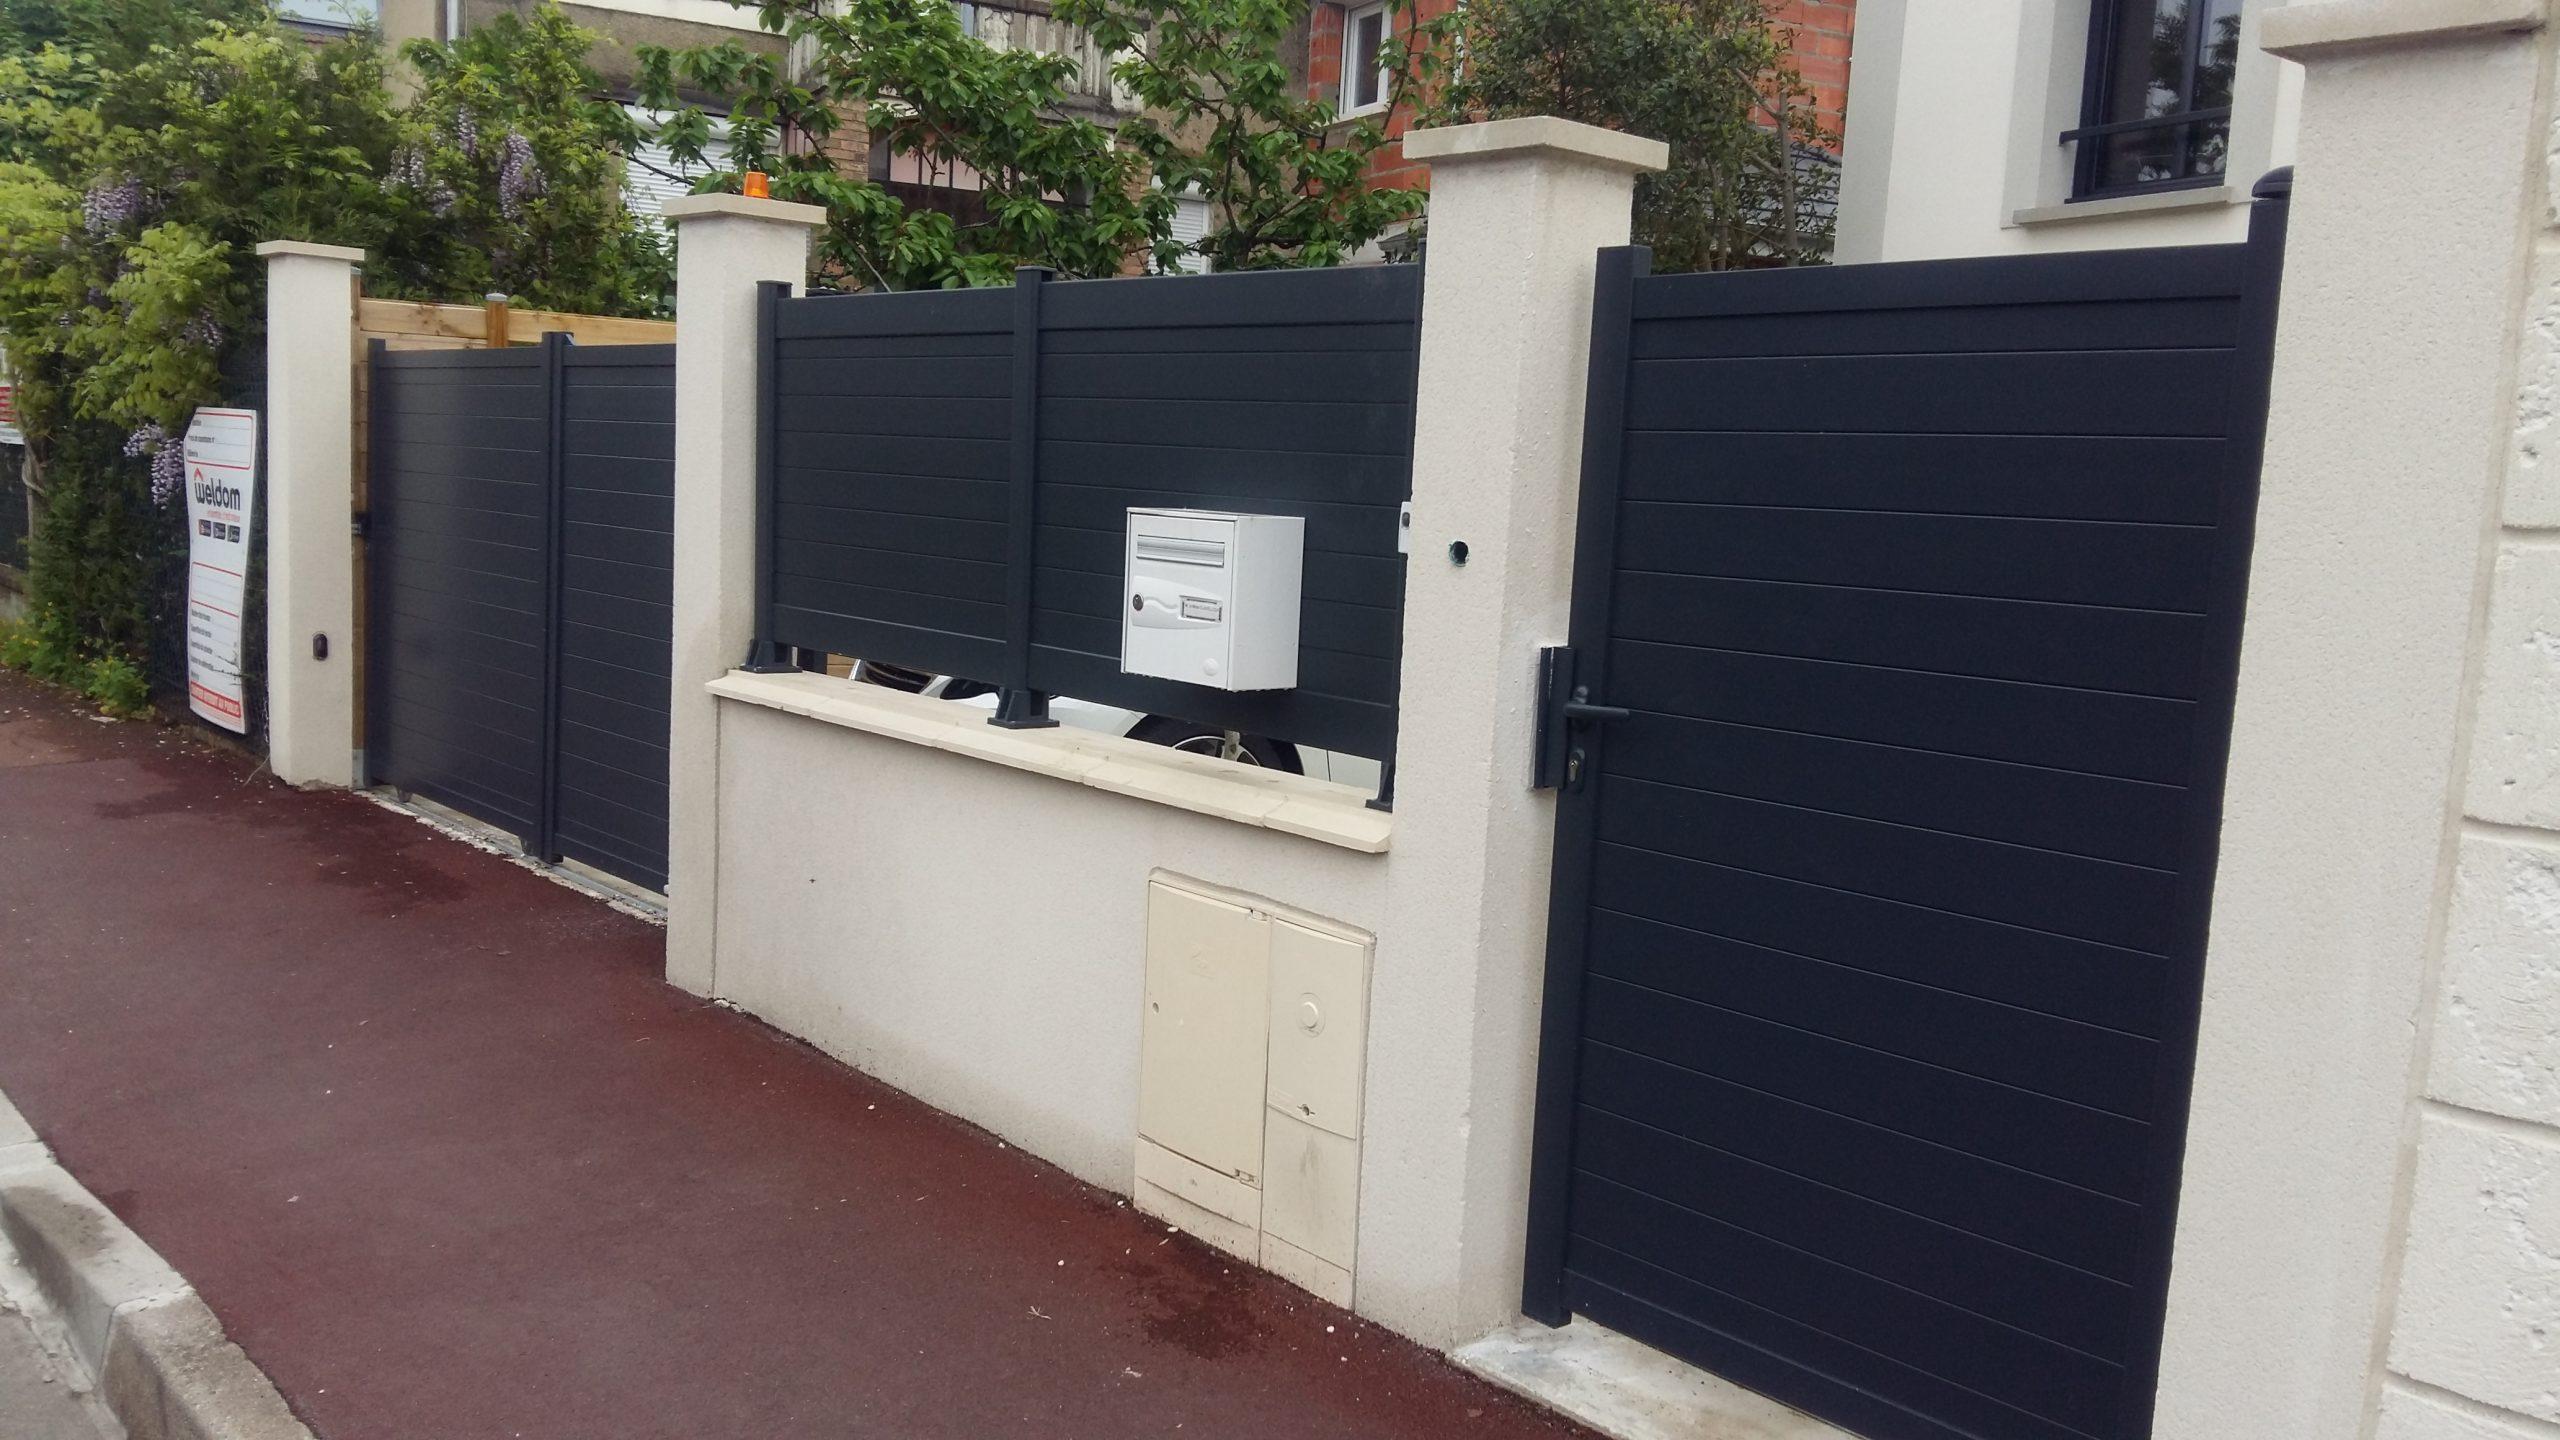 Vente Portail De Jardin - Spot Habitat encequiconcerne Portillons De Jardin